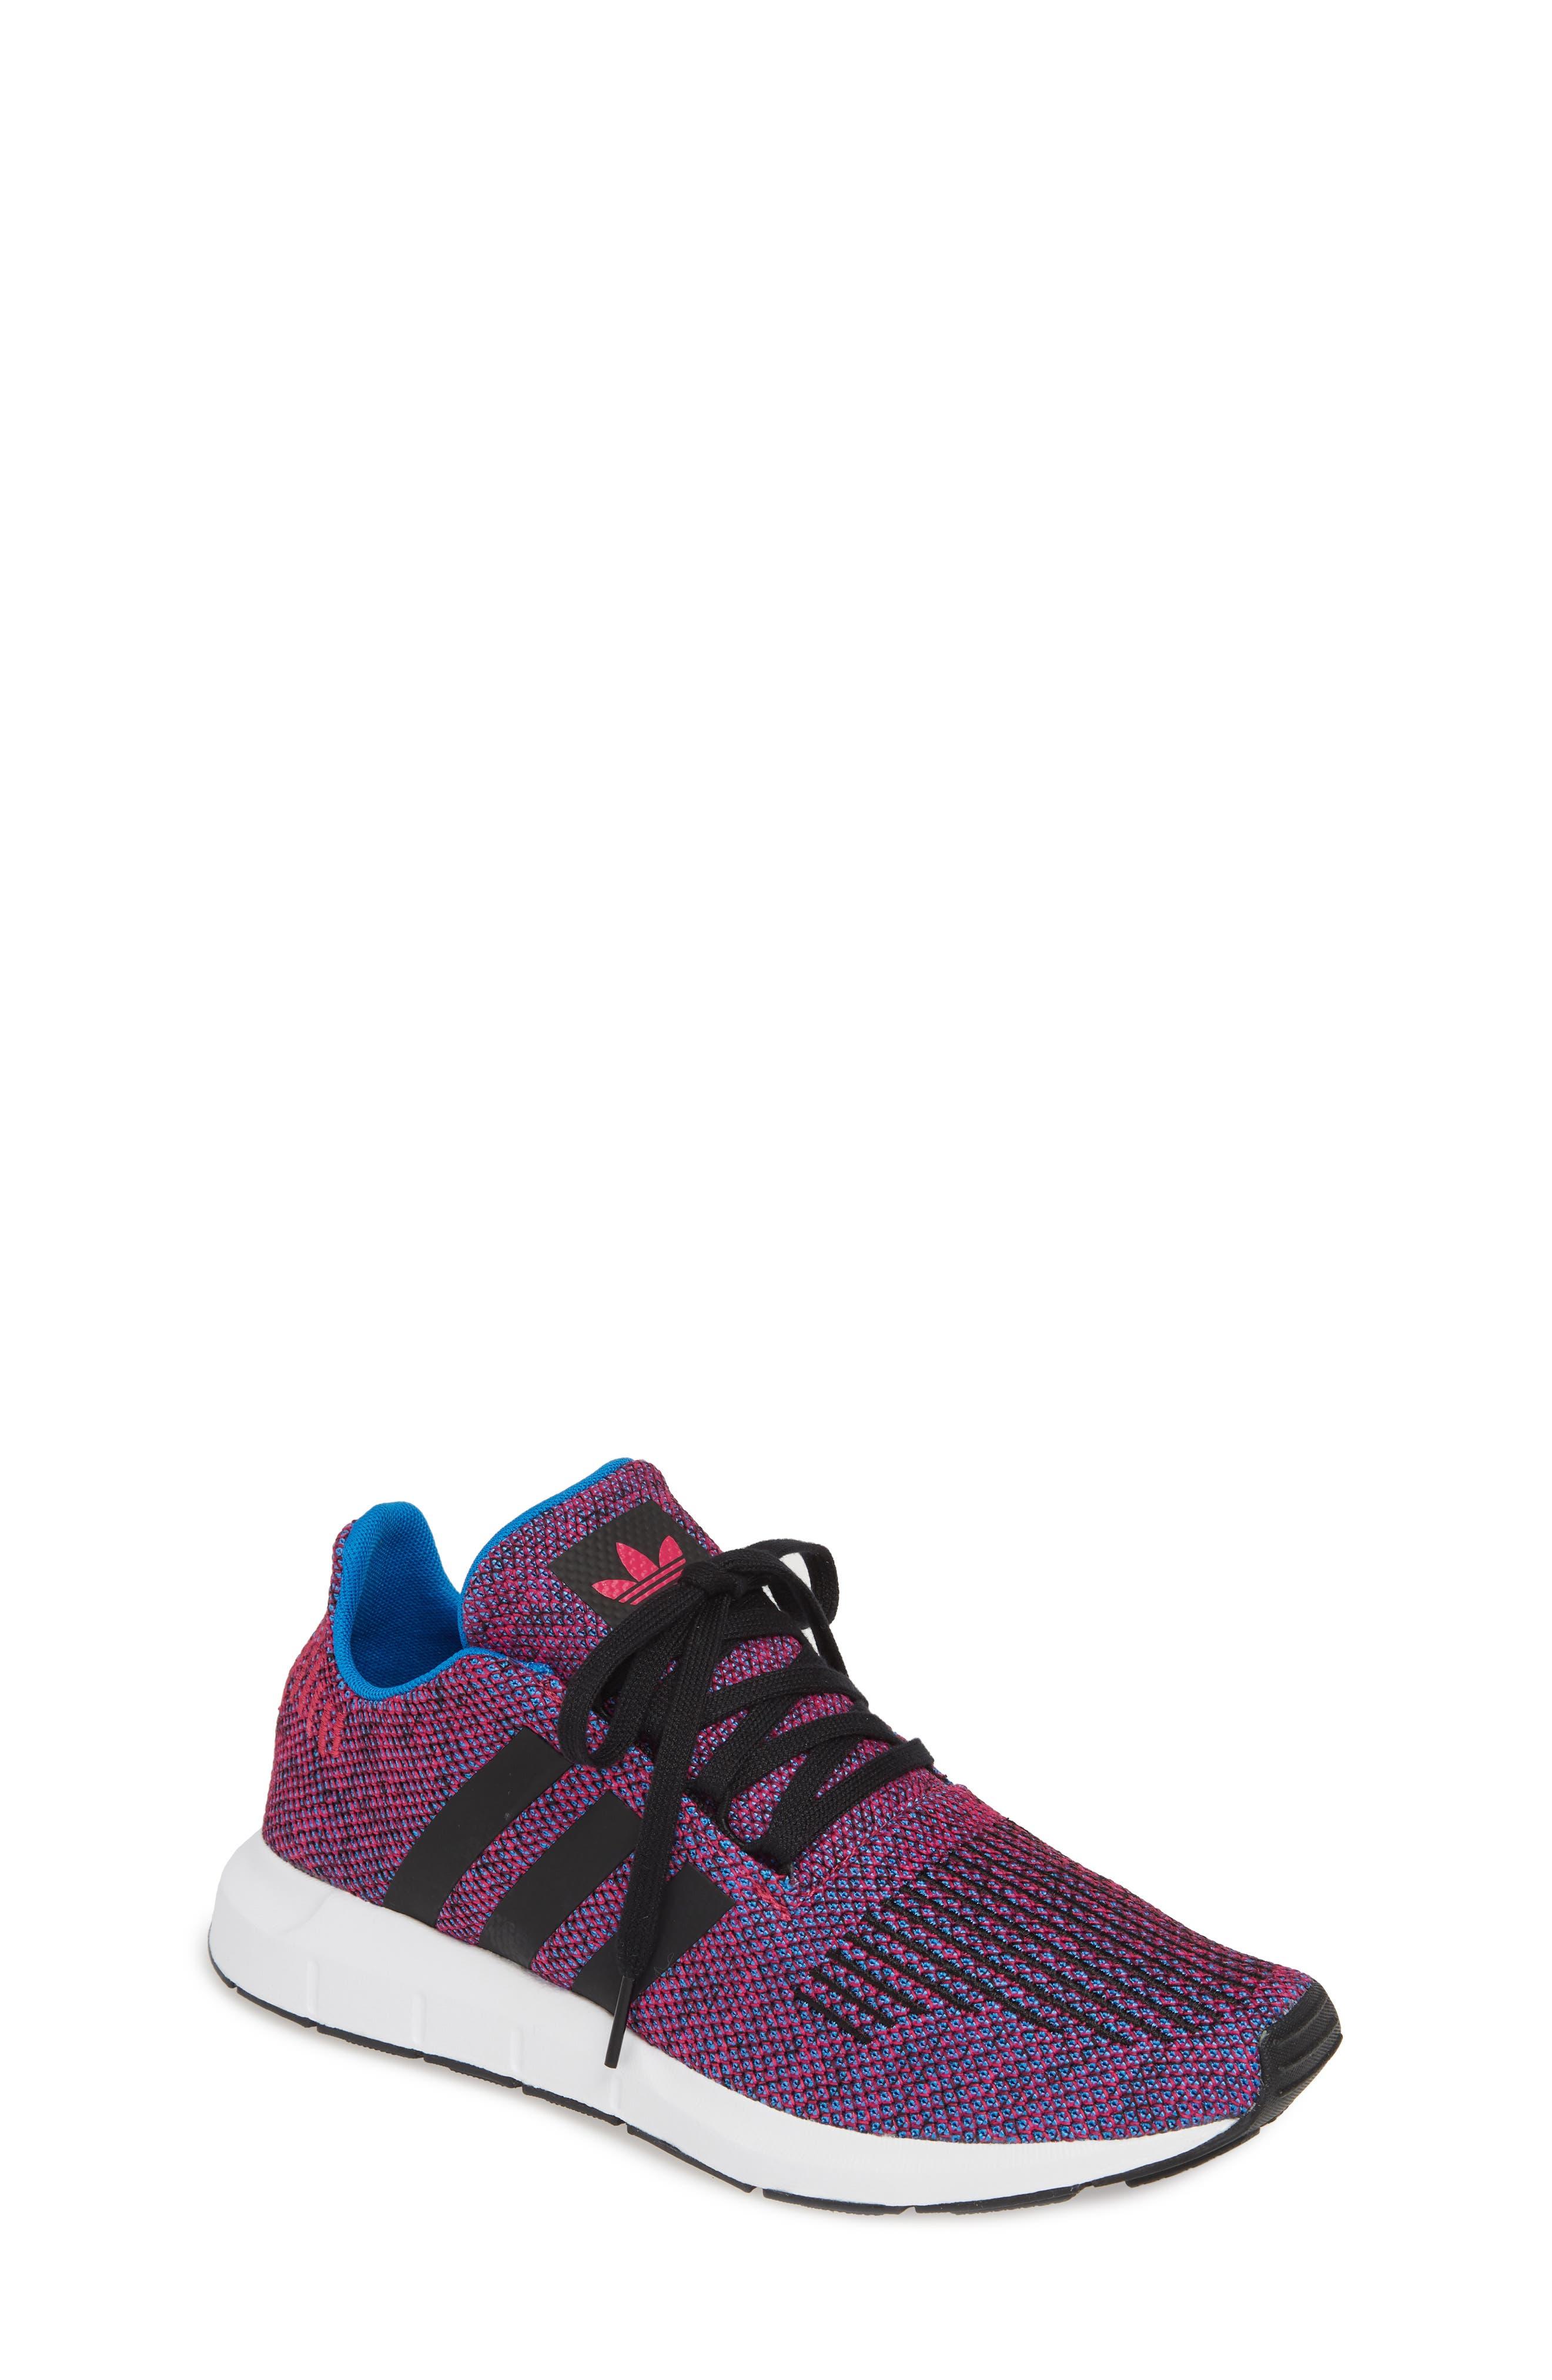 Toddler Adidas Swift Run J Sneaker Size 9 M  Pink